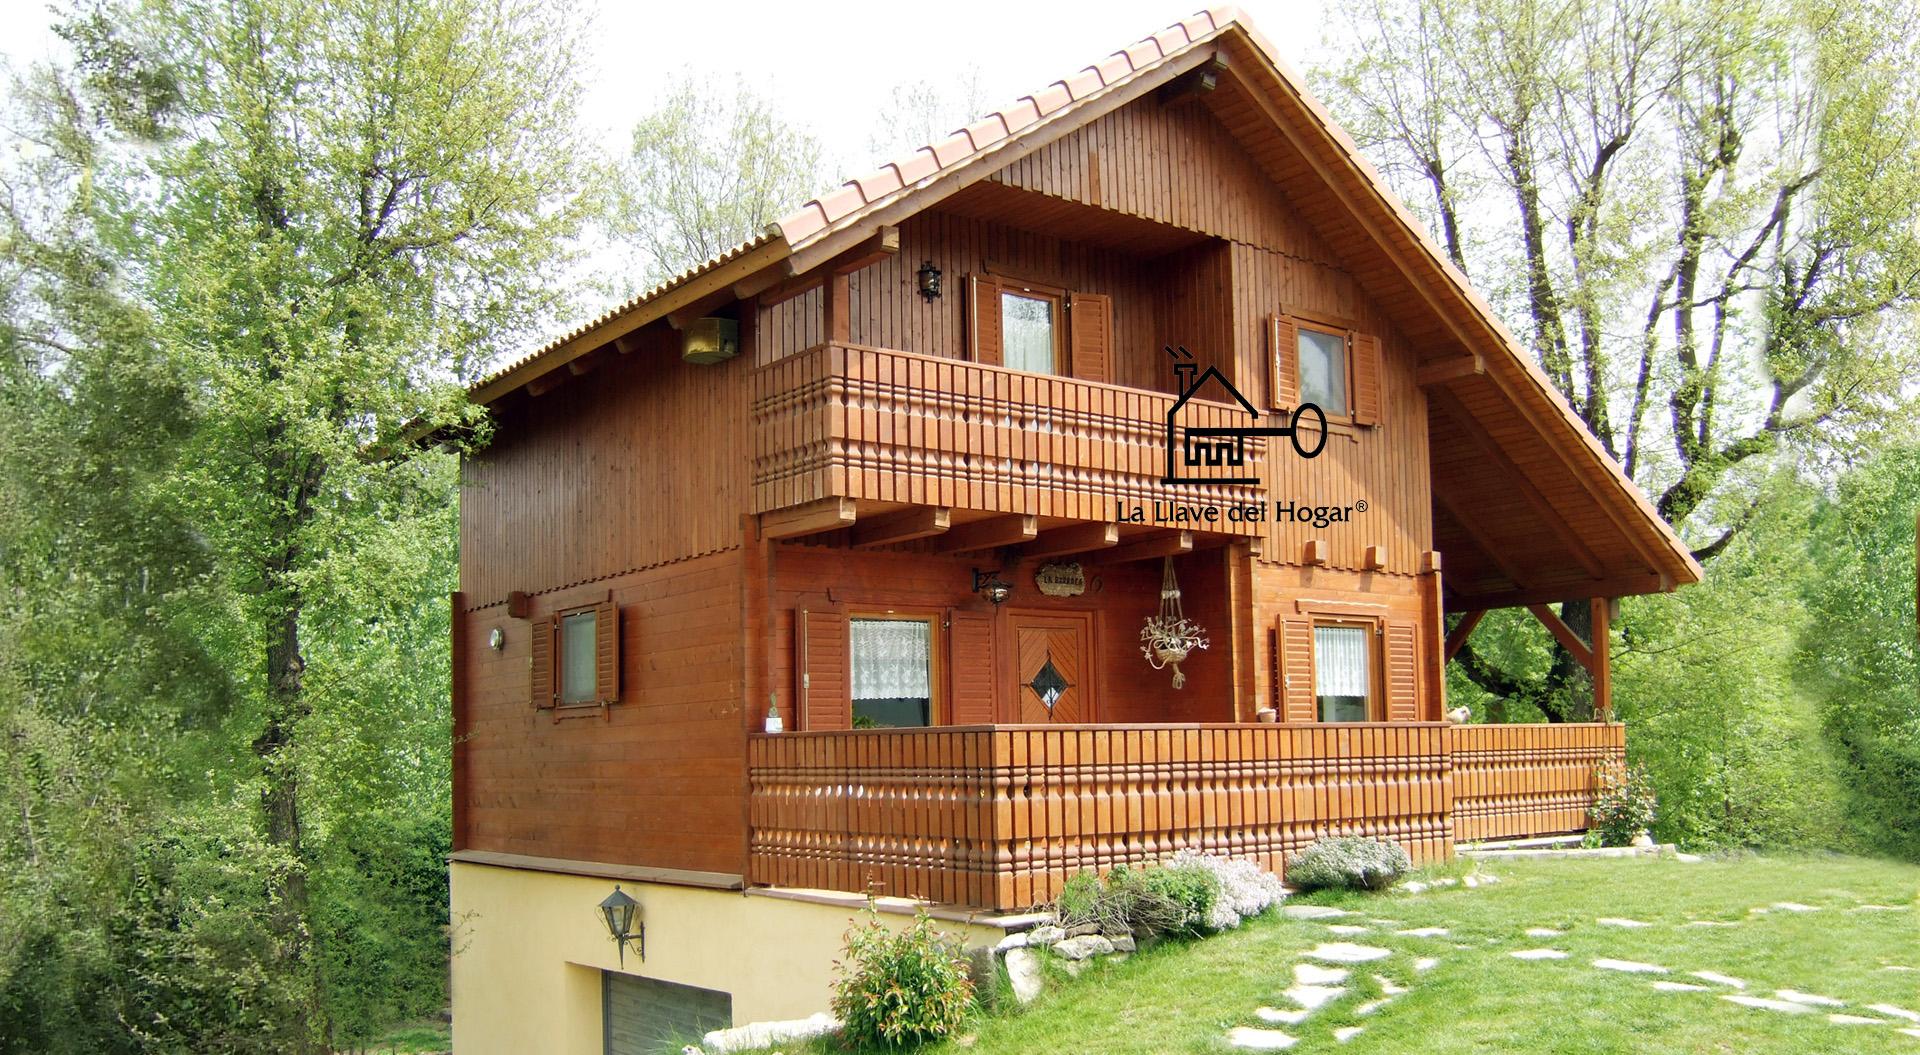 La llave del hogar casas de madera y entramado ligero - Casa de madera de ocasion ...